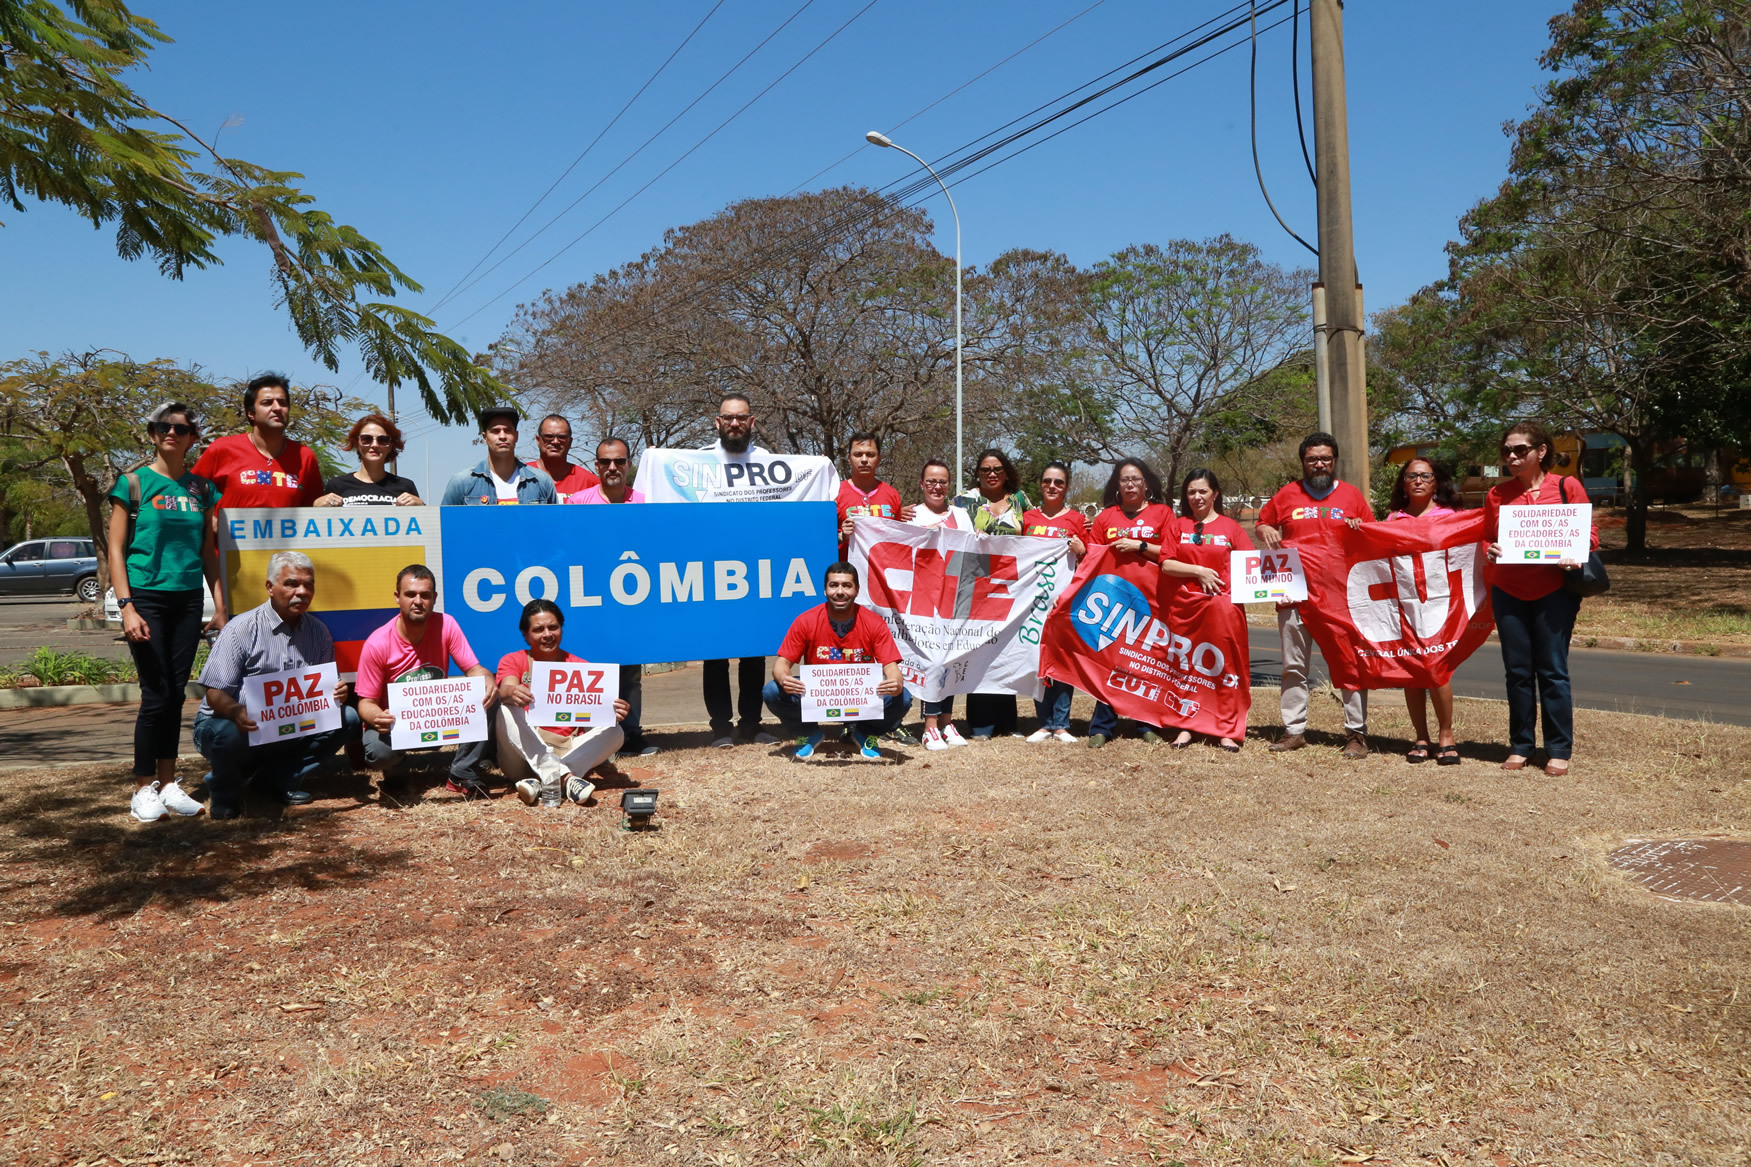 2019.09.12-Ato-Embaixada-Colombia_fotos-ECOM-5